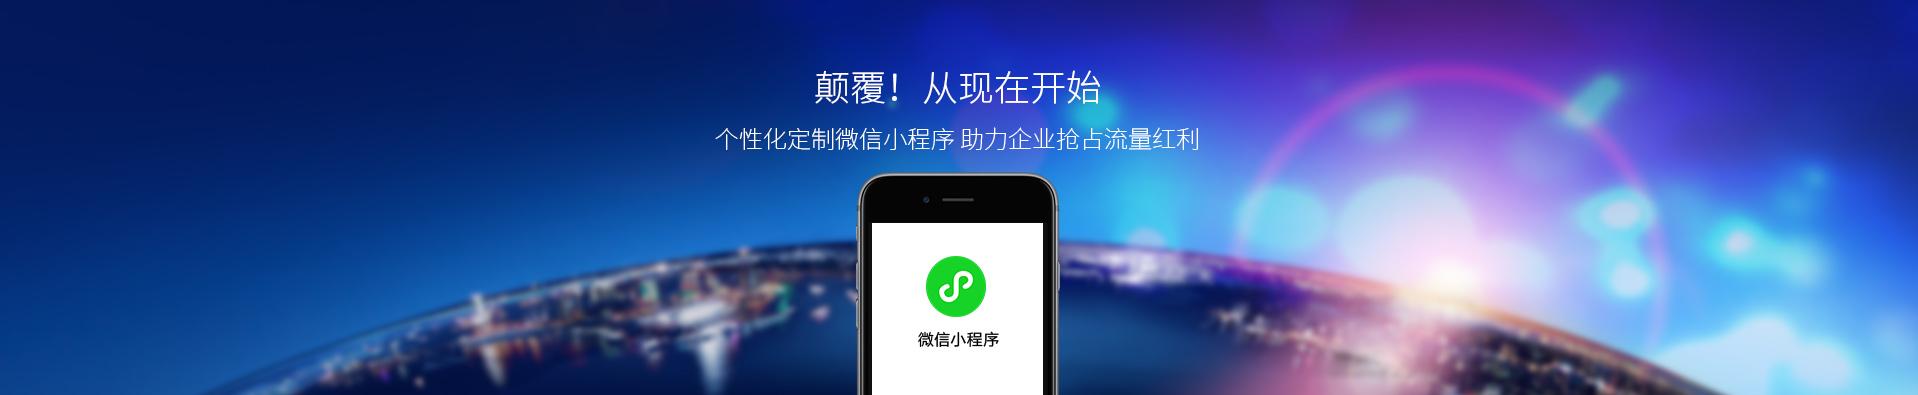 微信小程序_12博手机网12bet手机网12博 备用网址信息技术有限公司